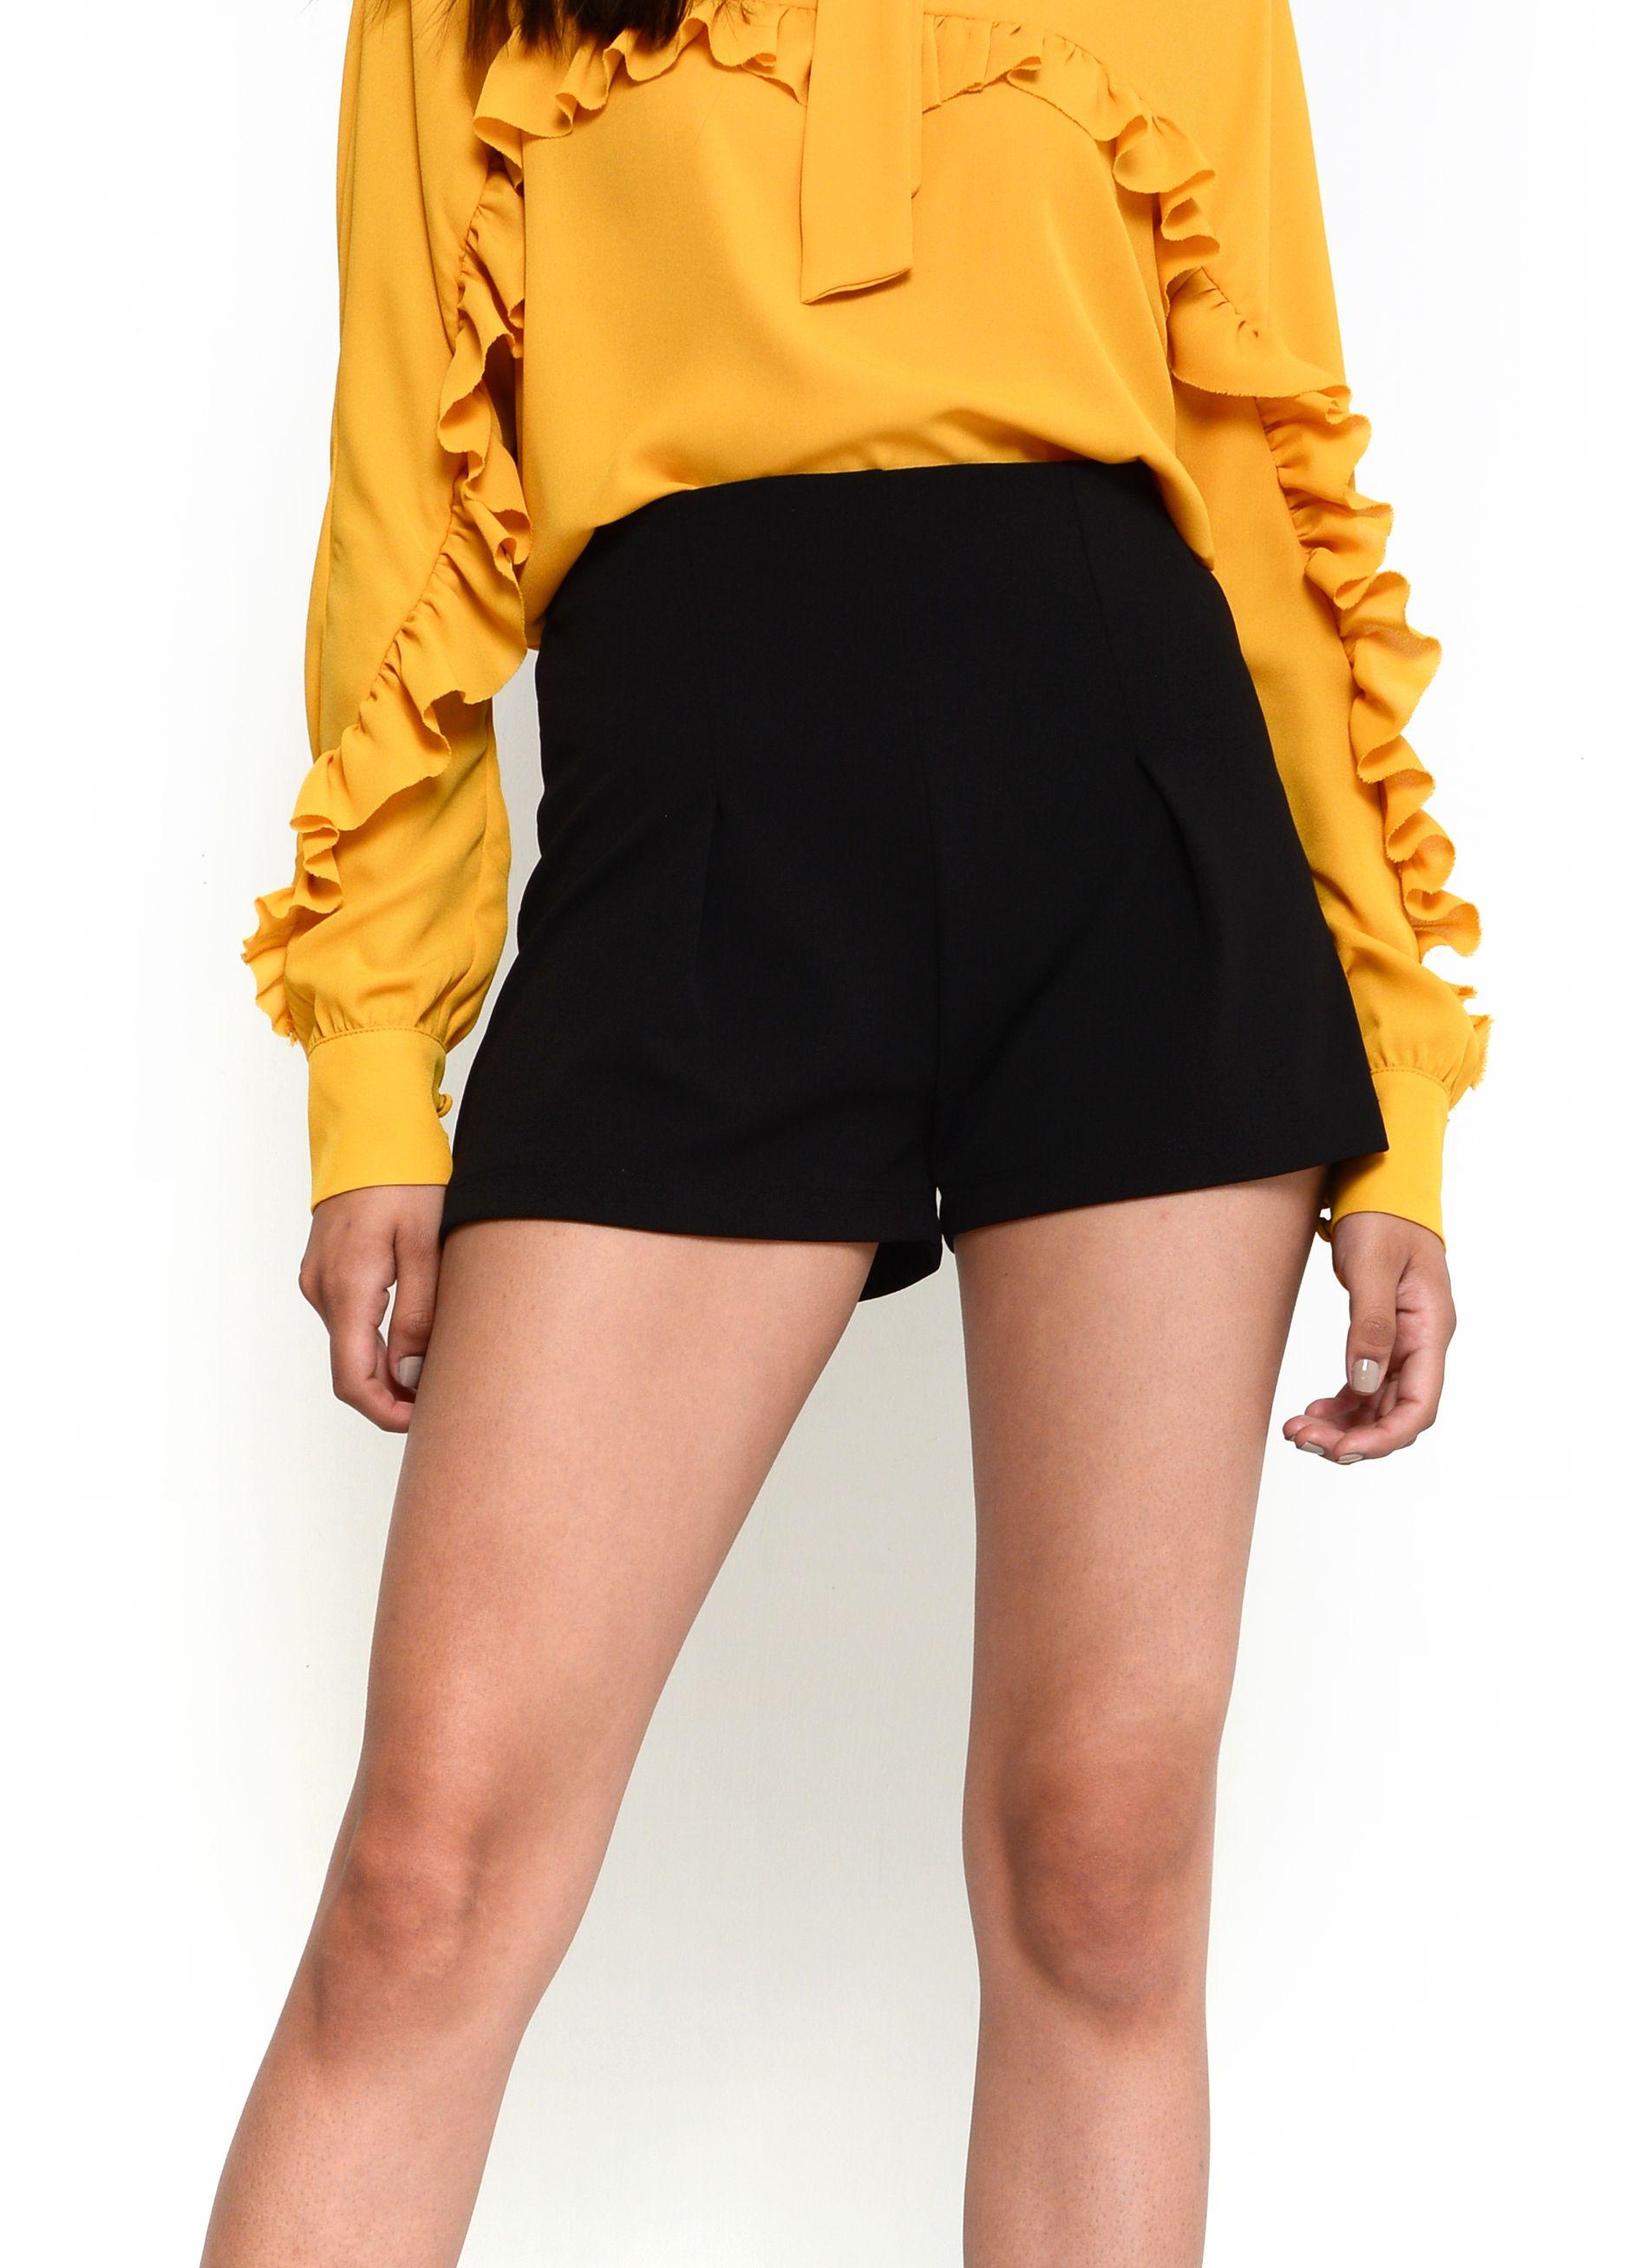 b1ff4c70a49a LOB Tienda Online | Moda, Calidad y Precio. | peinados | Lob, Moda ...